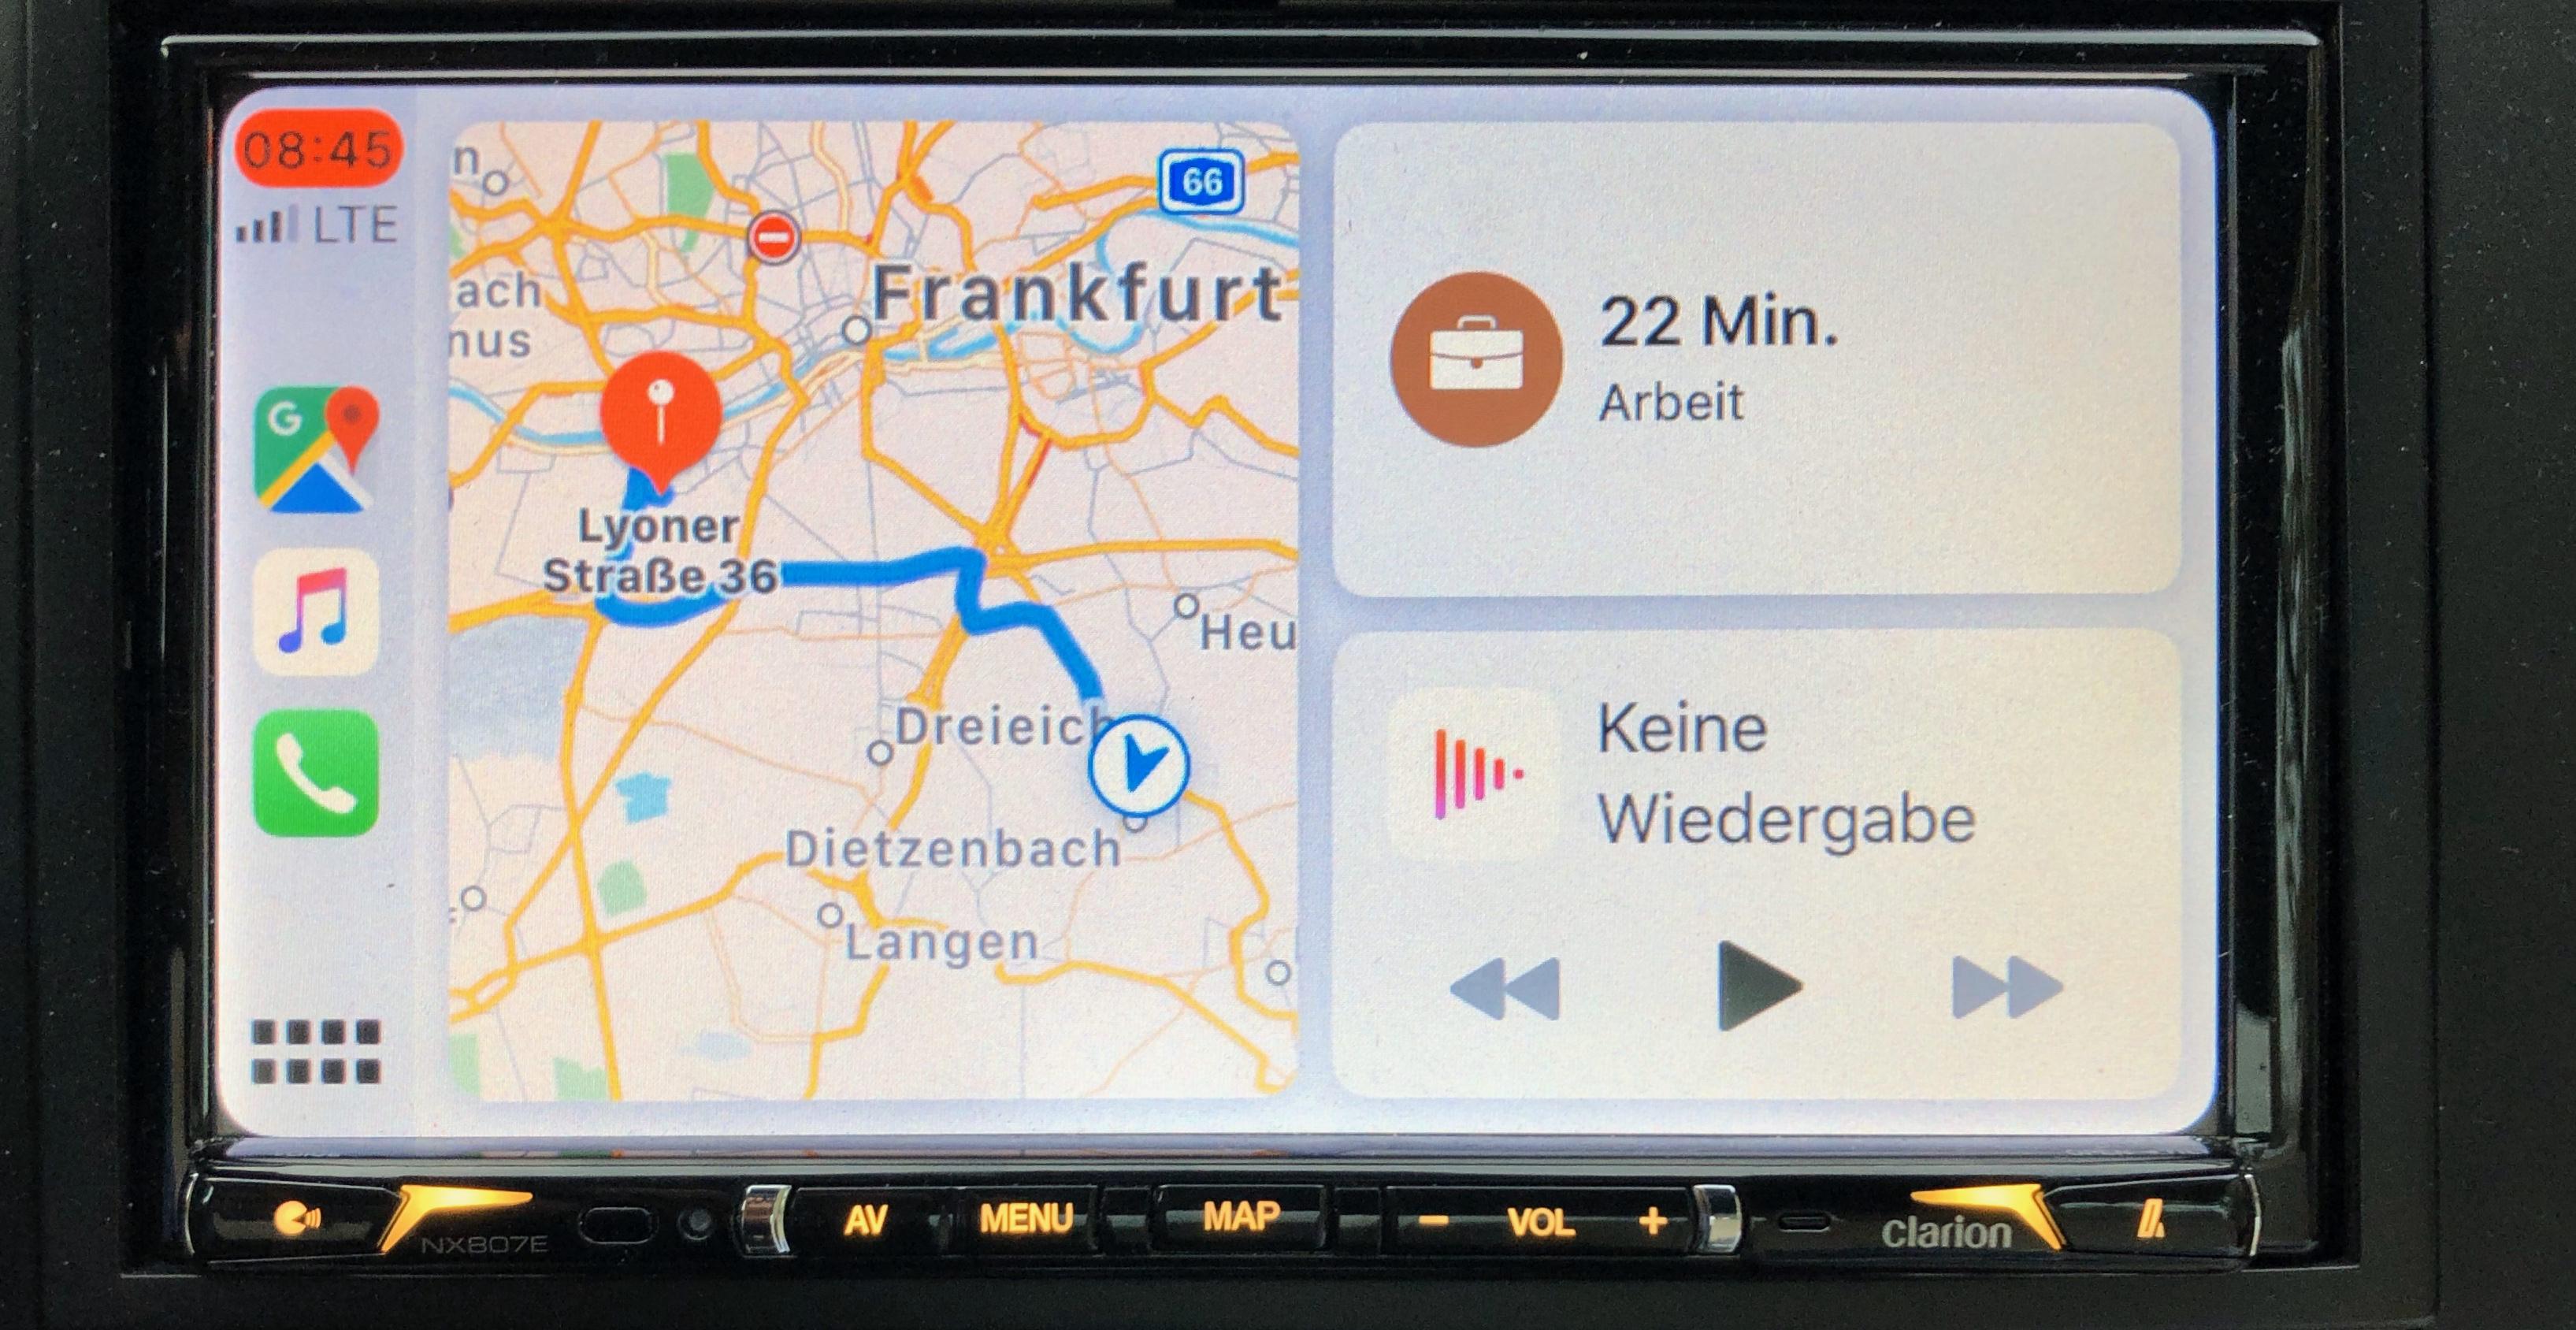 Wie hat das Dashboard das Verhalten der Nutzer von CarPlay verändert?